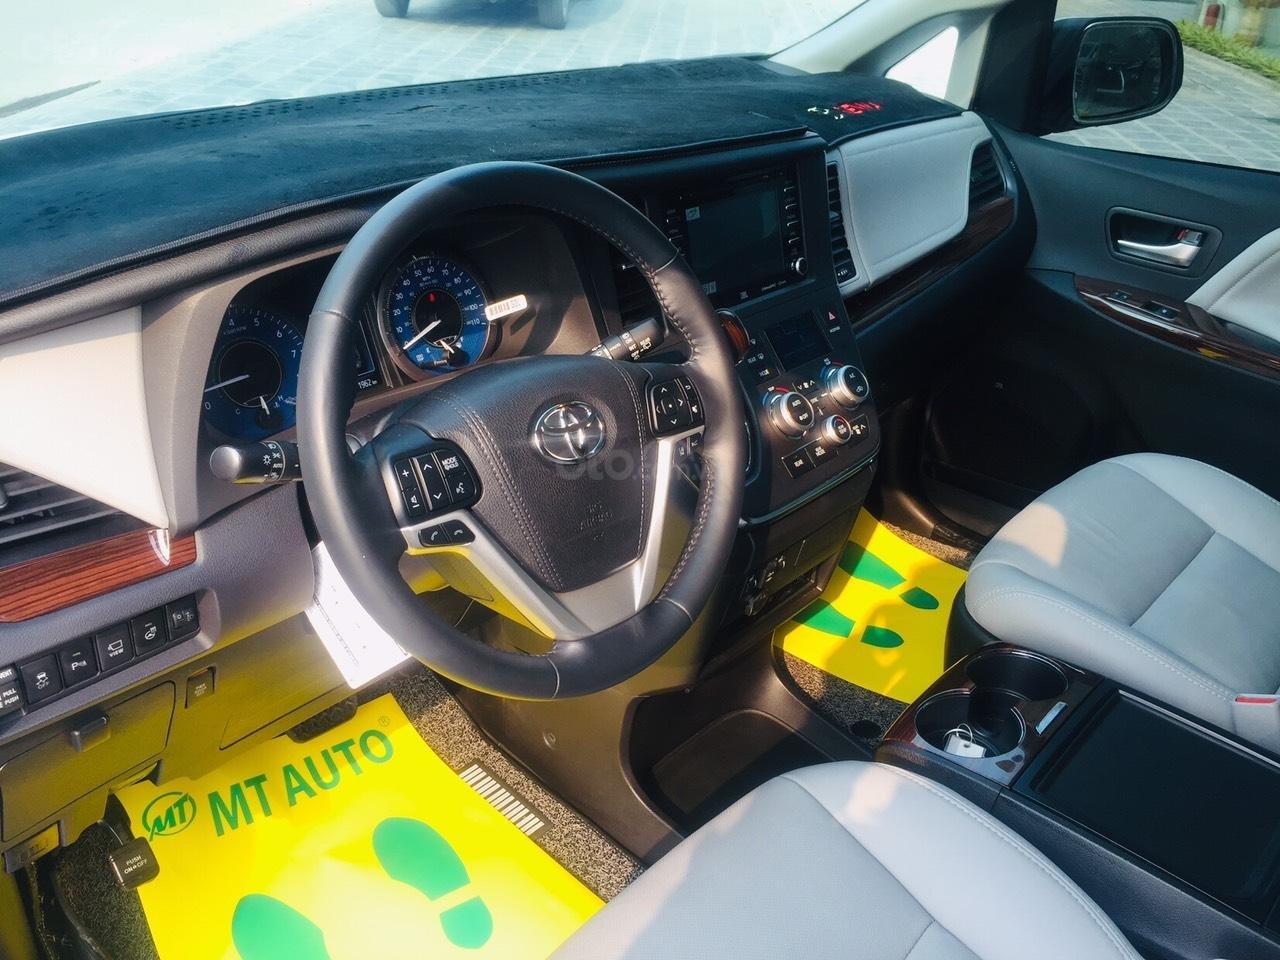 Bán Toyota Sienna Limited 2020 1 cầu, LH Ms Ngọc Vy giá tốt, giao ngay toàn quốc (11)